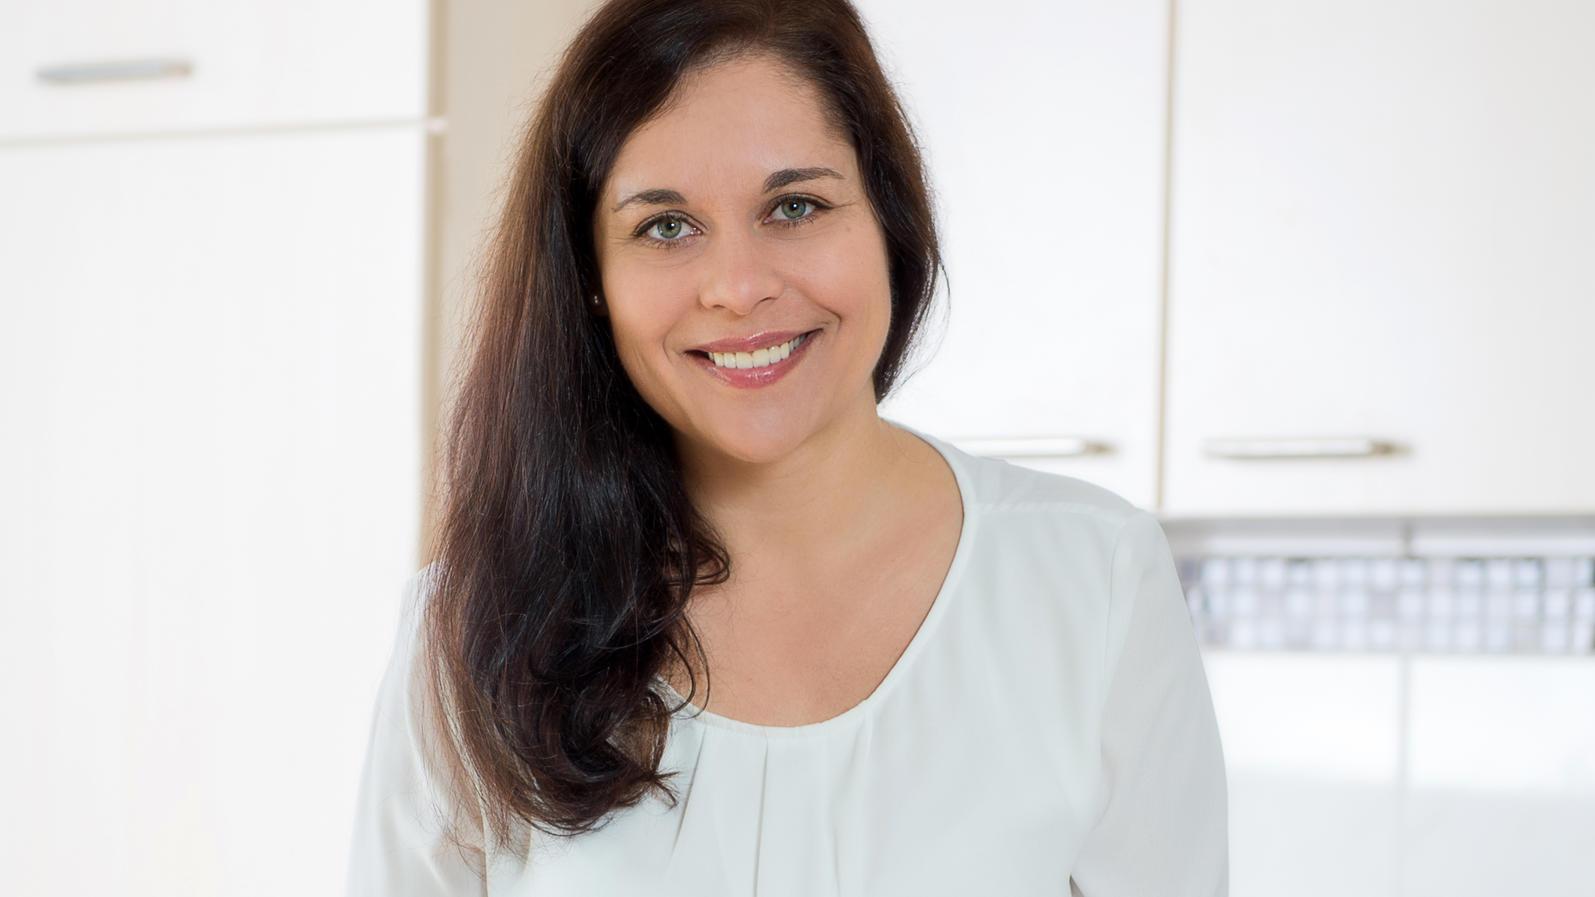 Tanja Gruber backt leidenschaftlich gern - und glutenfrei, weil sie Zöliakie hat